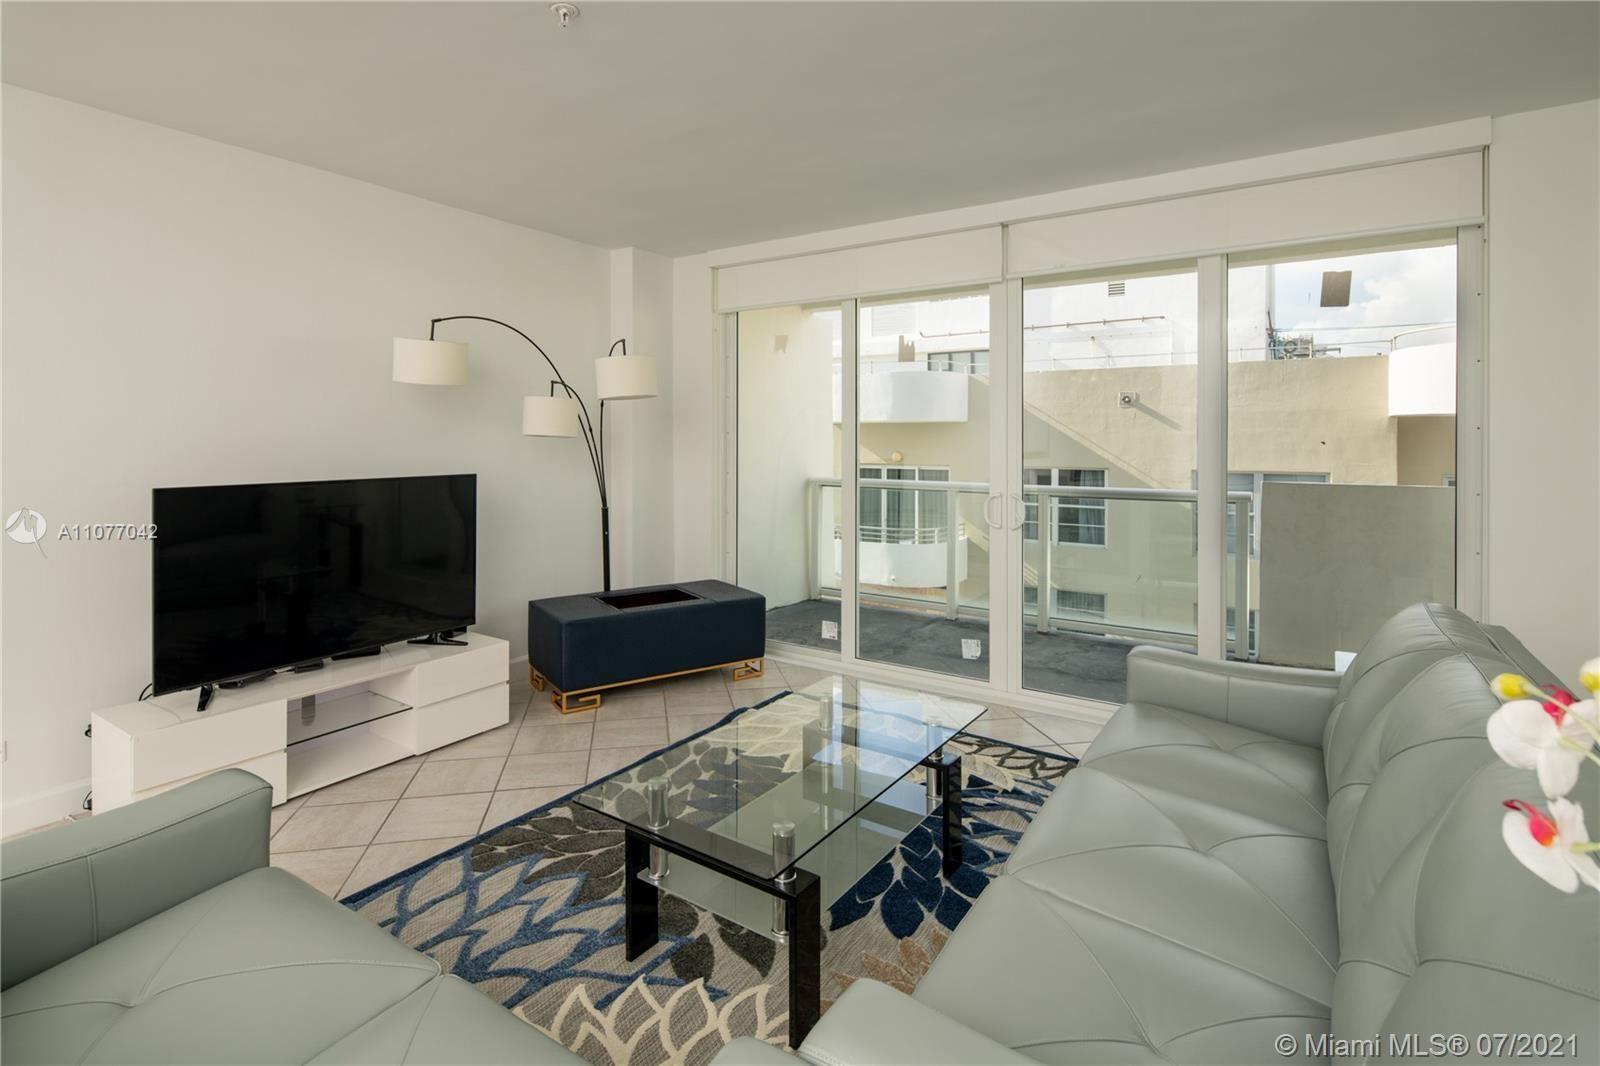 5601 Collins Ave #1714, Miami Beach, FL 33140 - #: A11077042